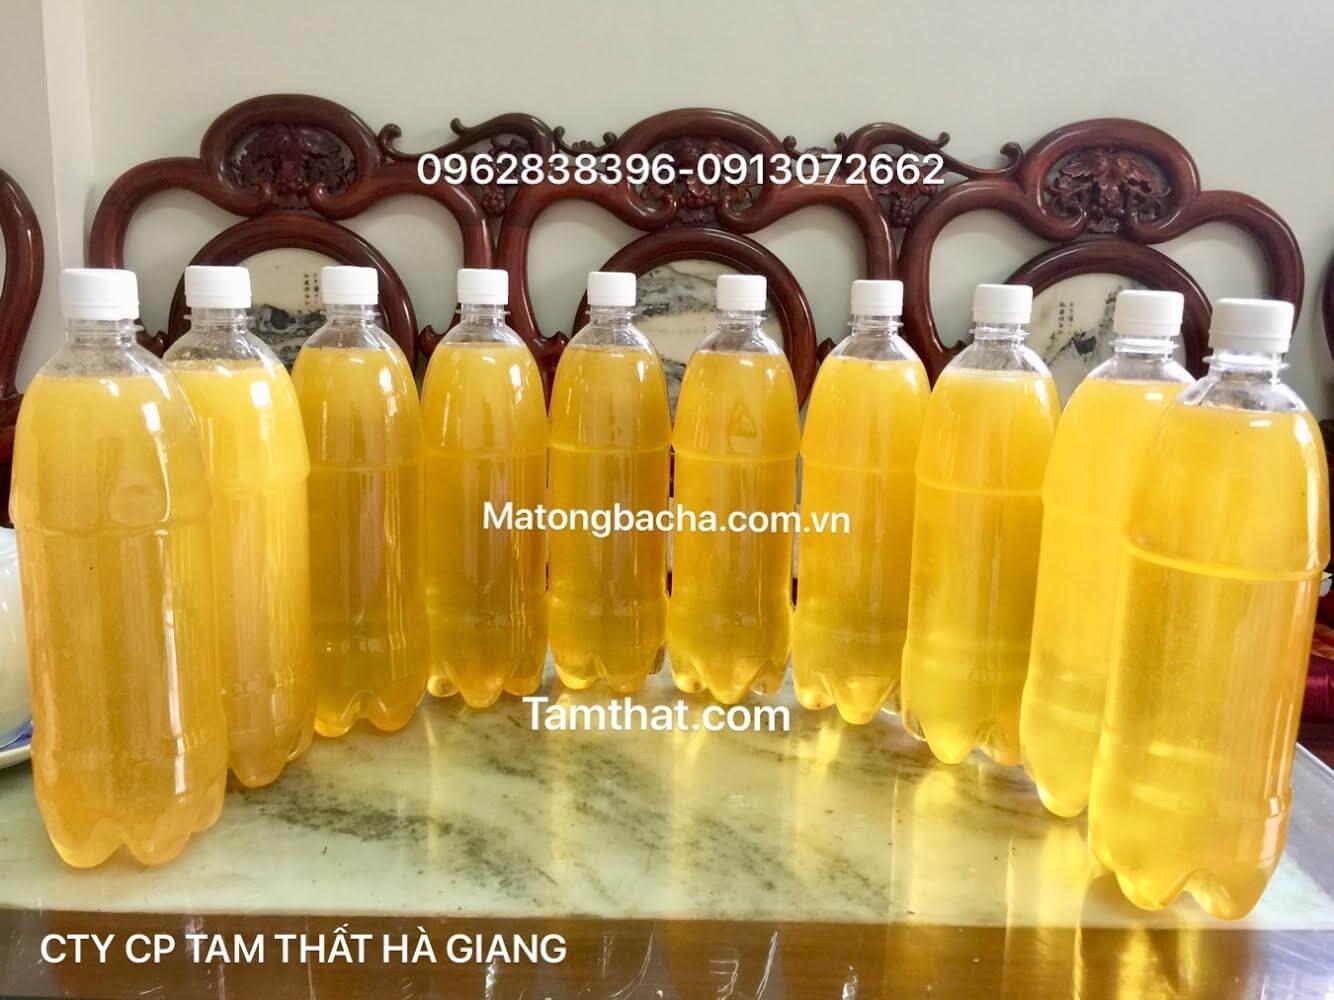 Mật ong bạc hà đựng trong chai nhựa trong có màu vàng chanh